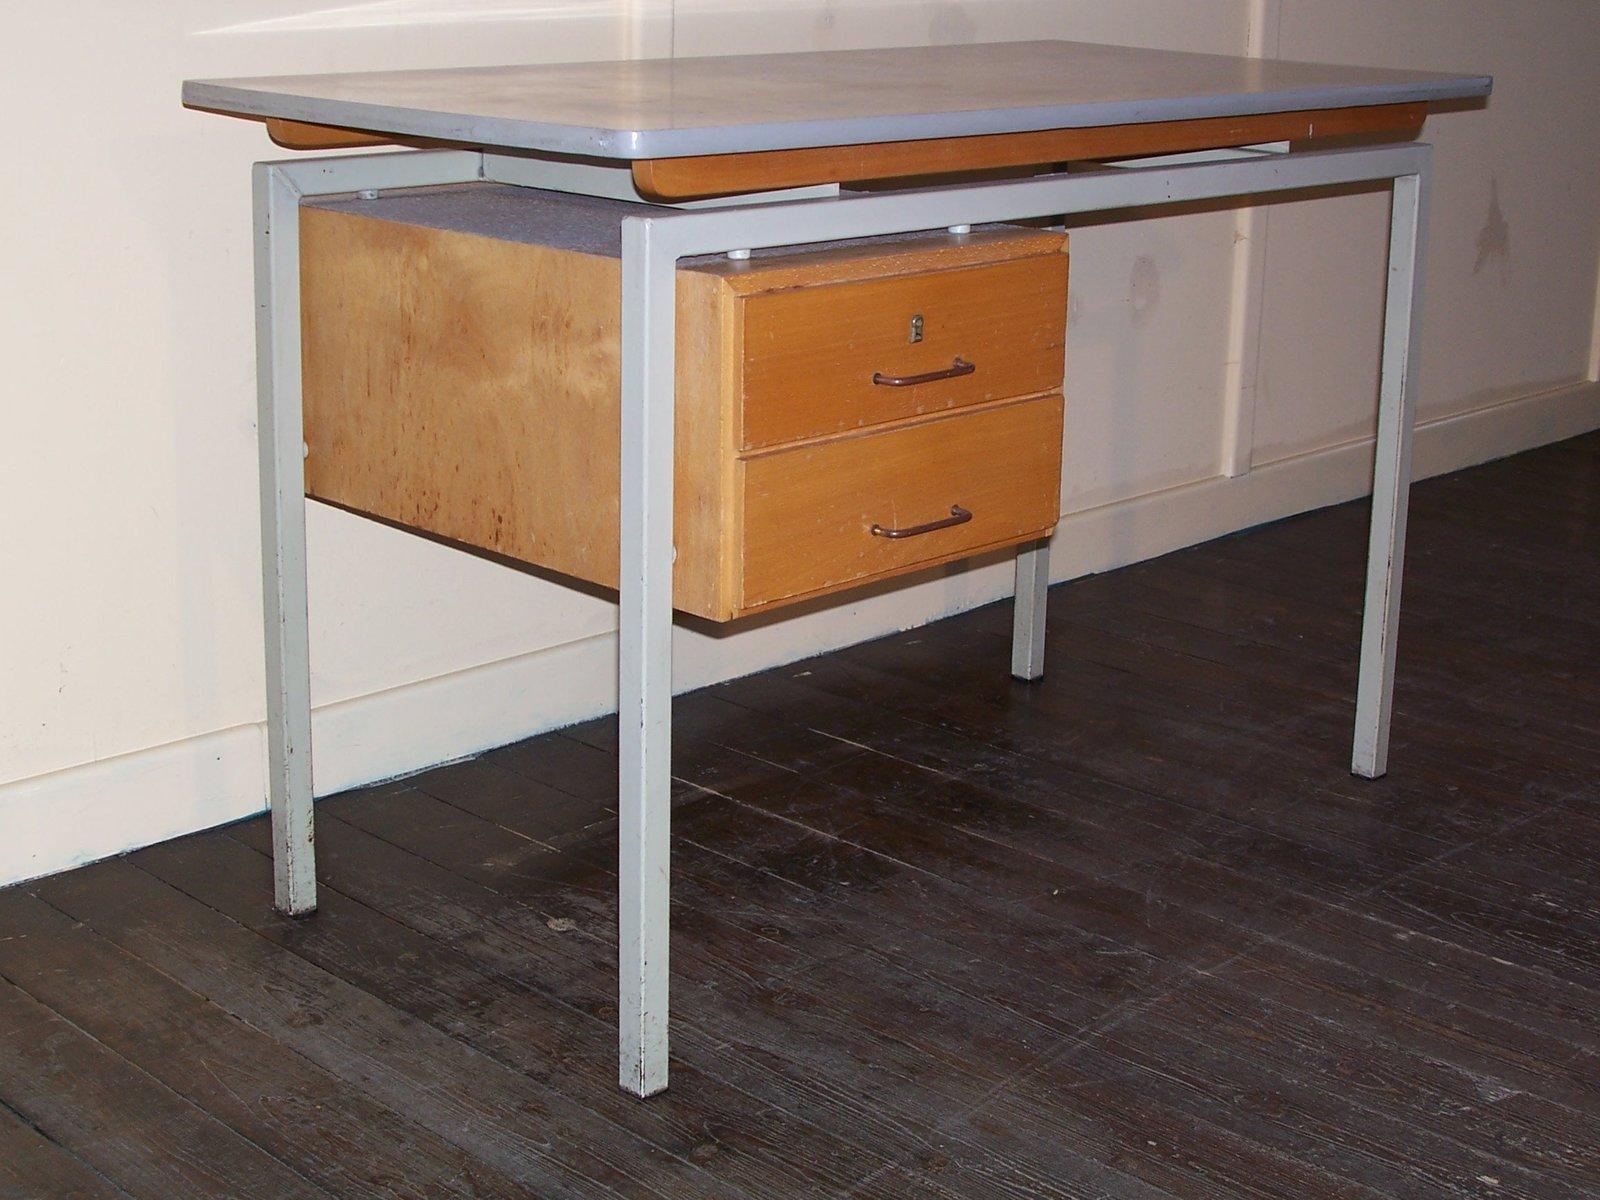 Scrivania Vintage Legno : Scrivania vintage con superficie in formica e cassetti in legno in